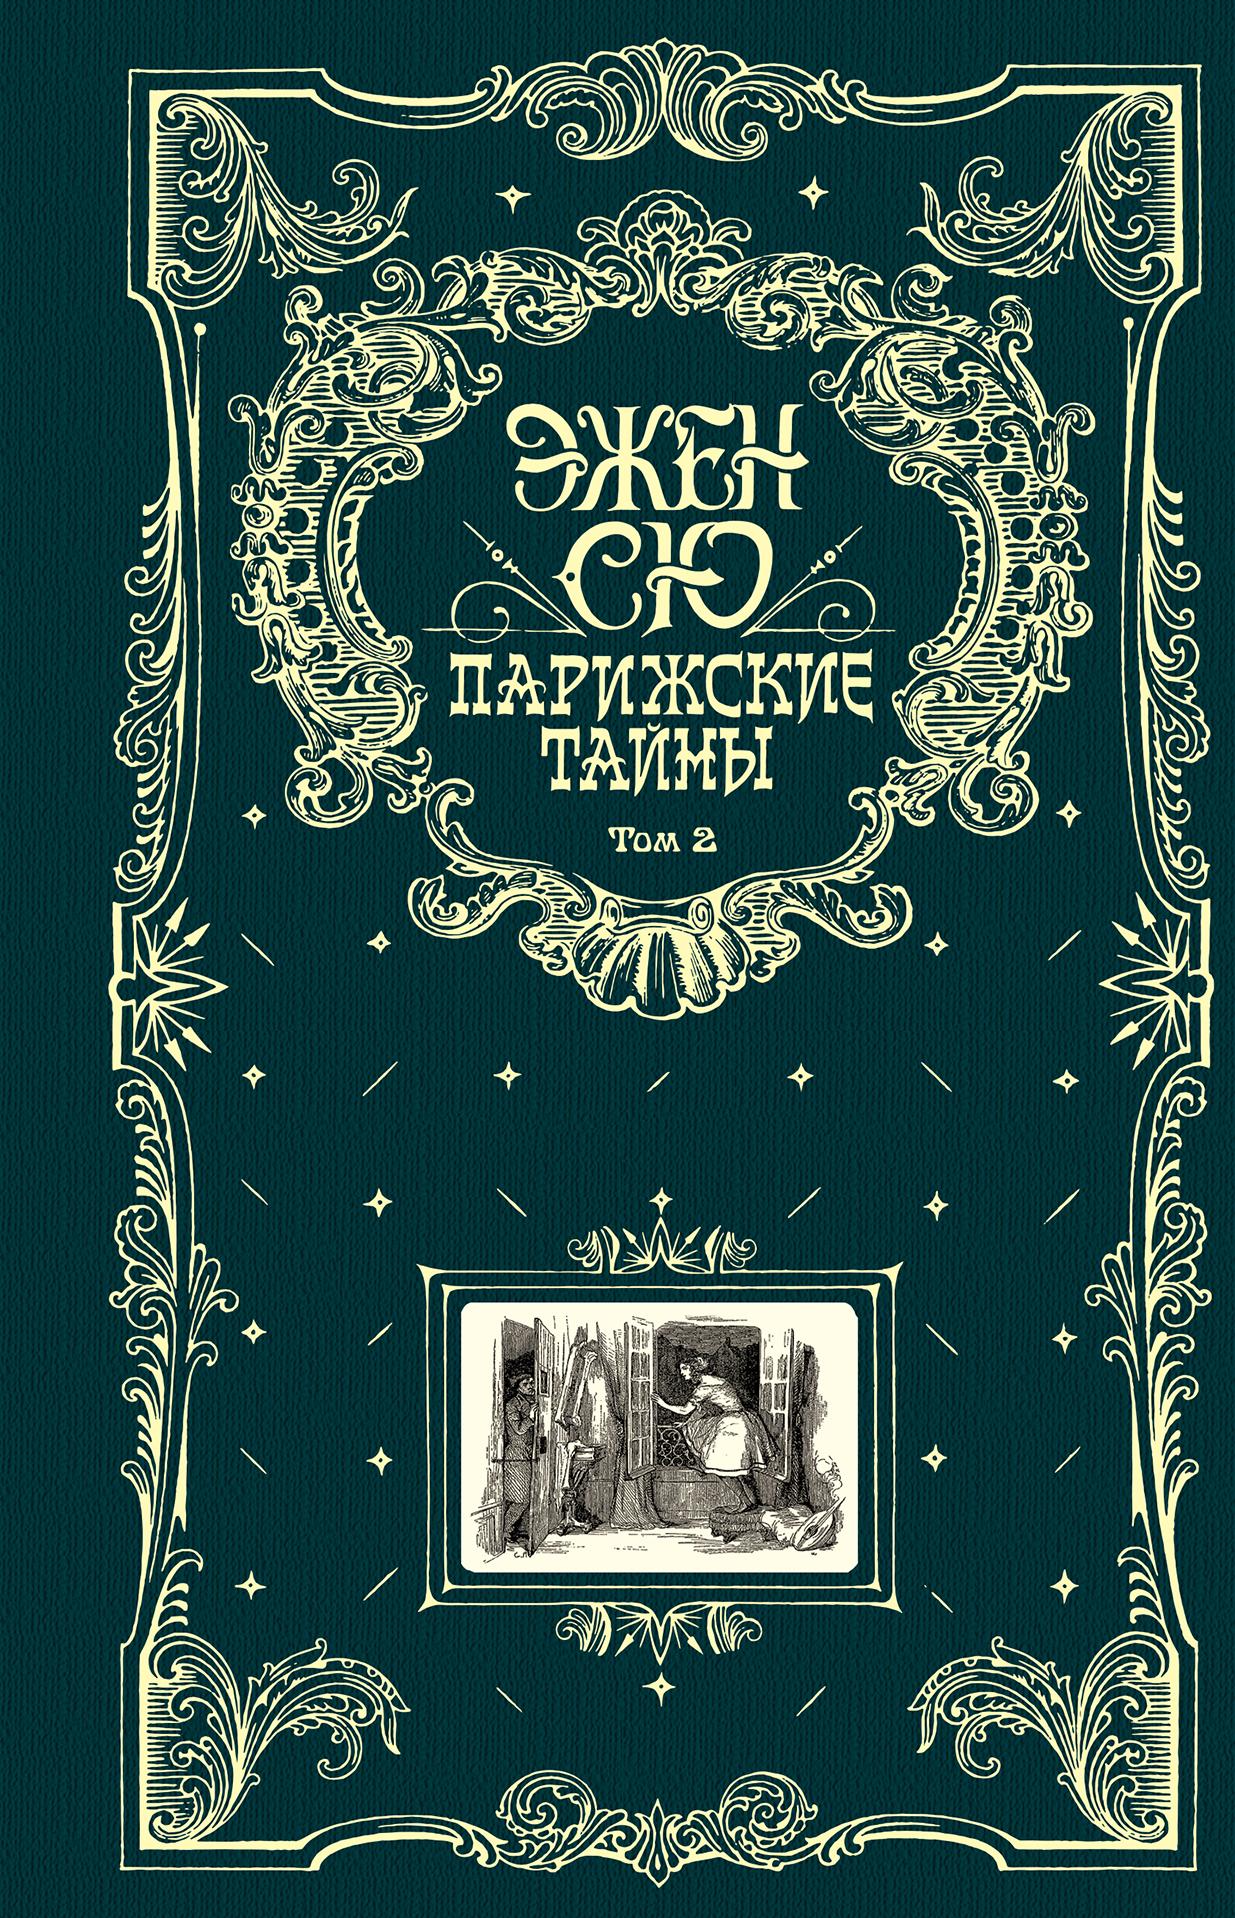 Сю Э. Парижские тайны. Том 2 ISBN: 978-5-699-68277-5